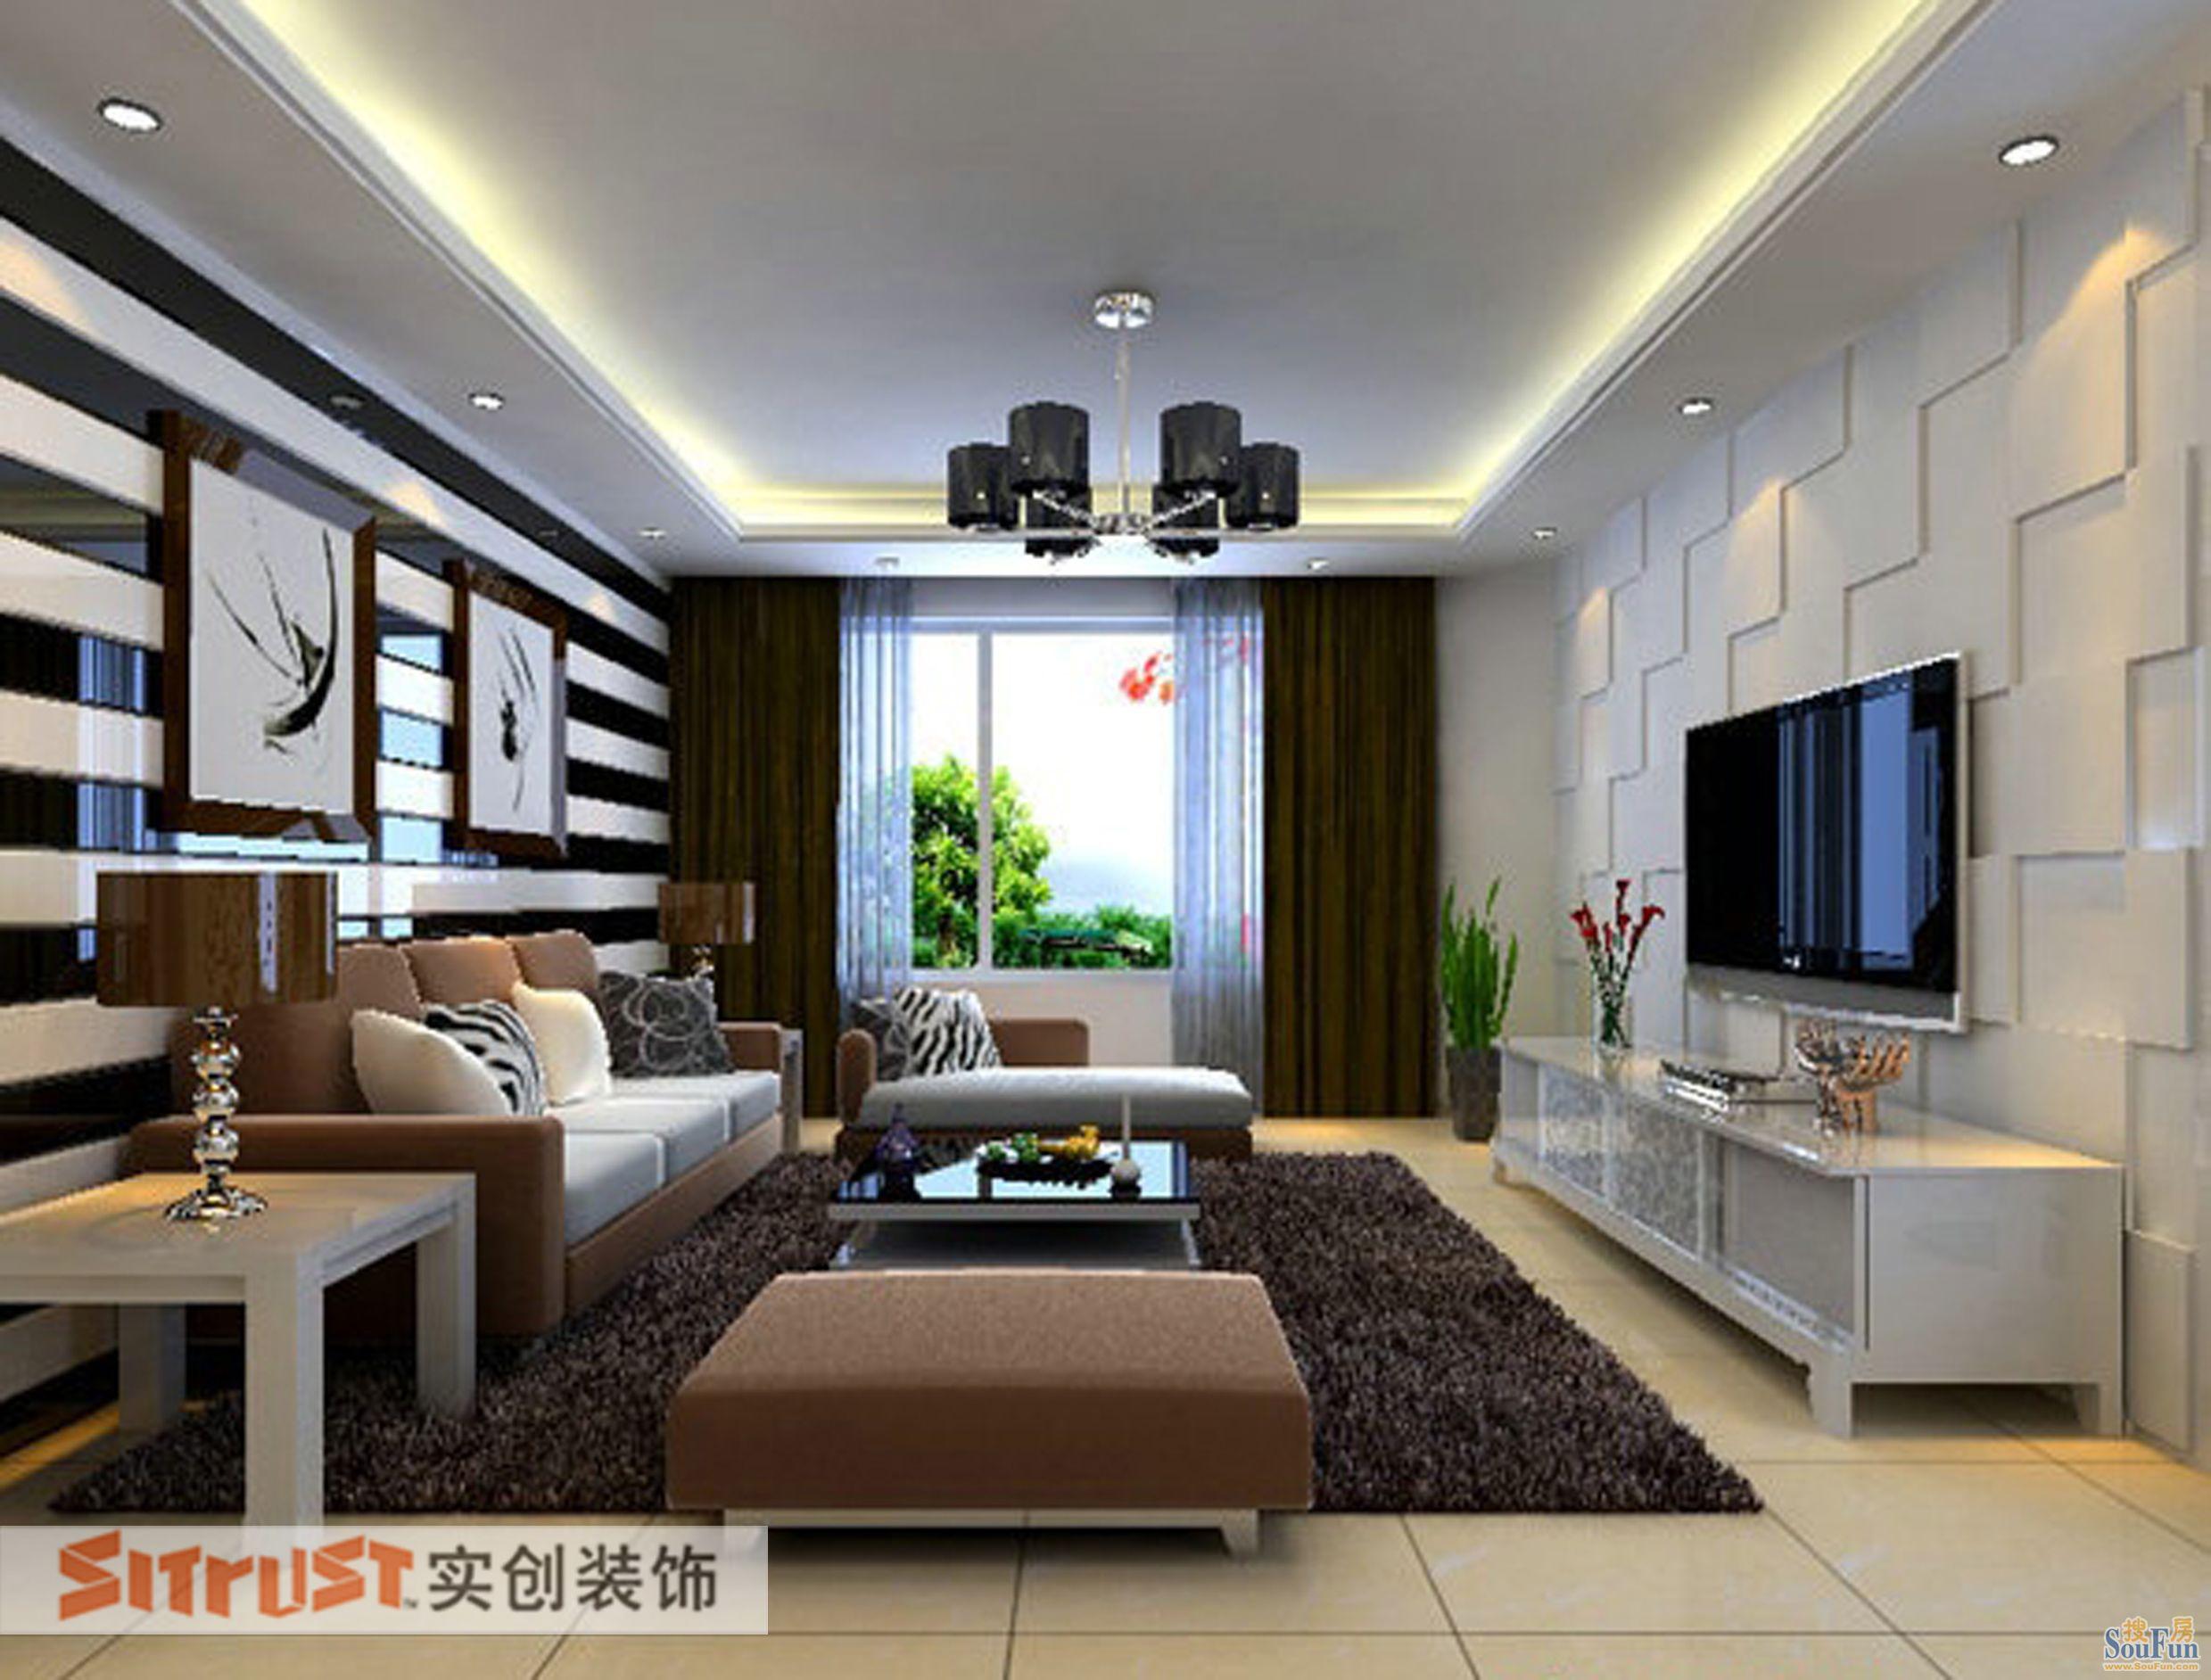 卧室石膏板造型吊顶木饰面、顶面石膏顶角线、书房书柜、床头高清图片